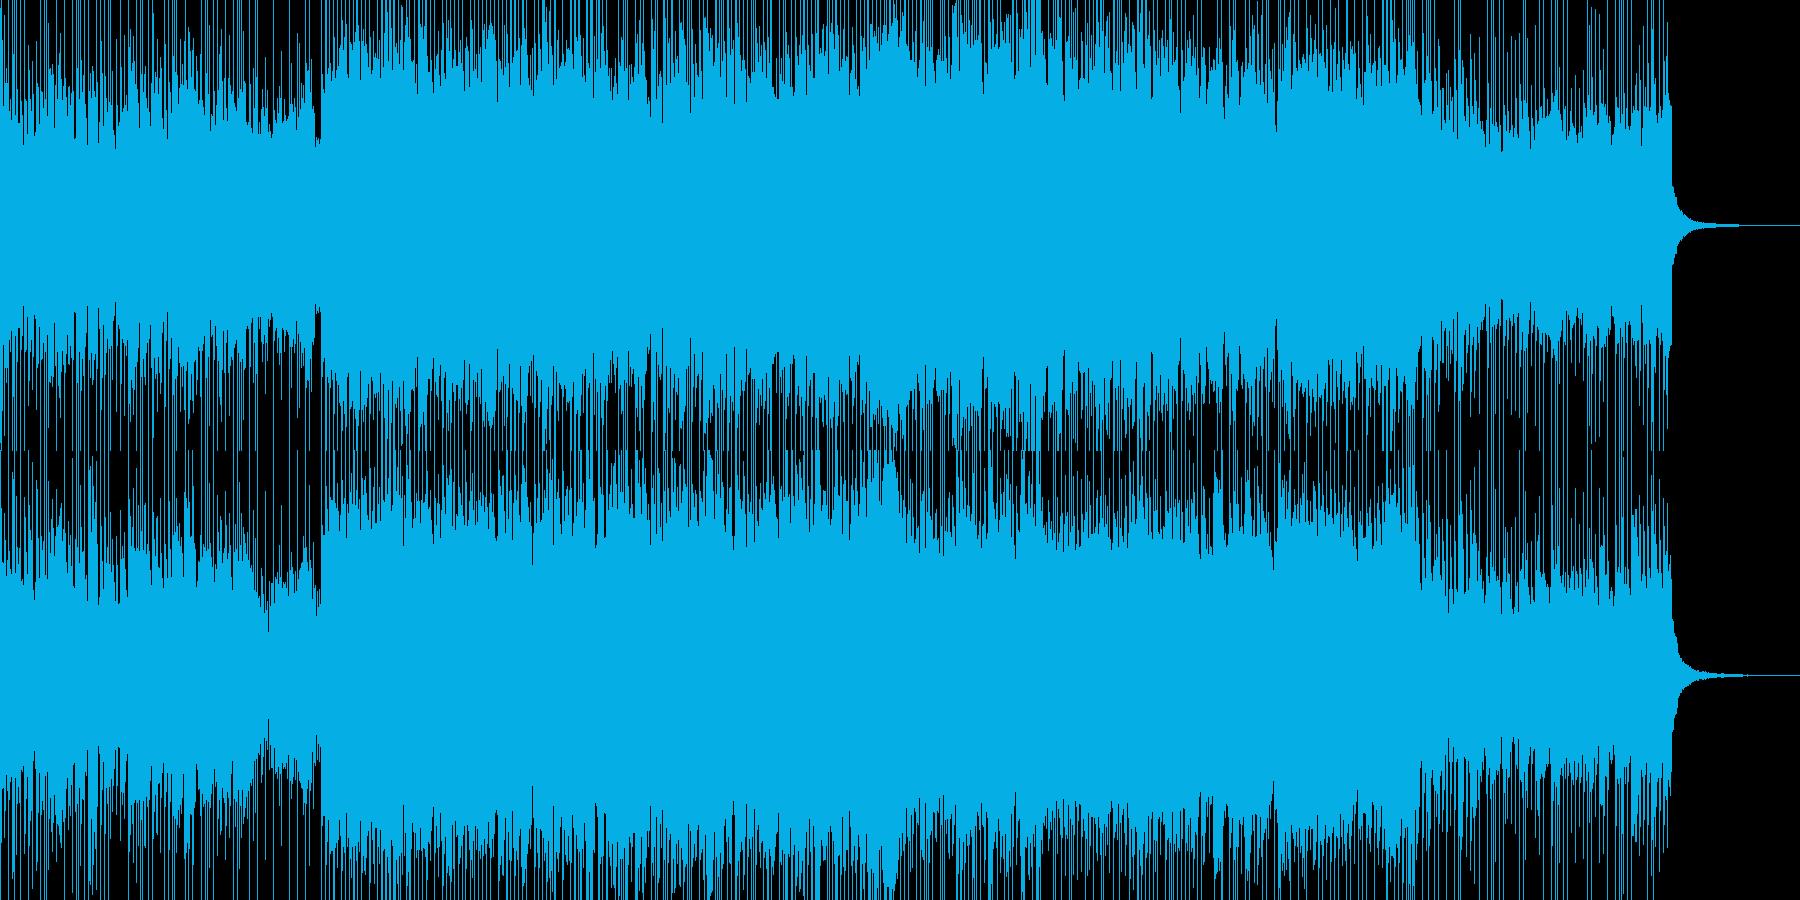 重低音のメタル、ギターロックの再生済みの波形